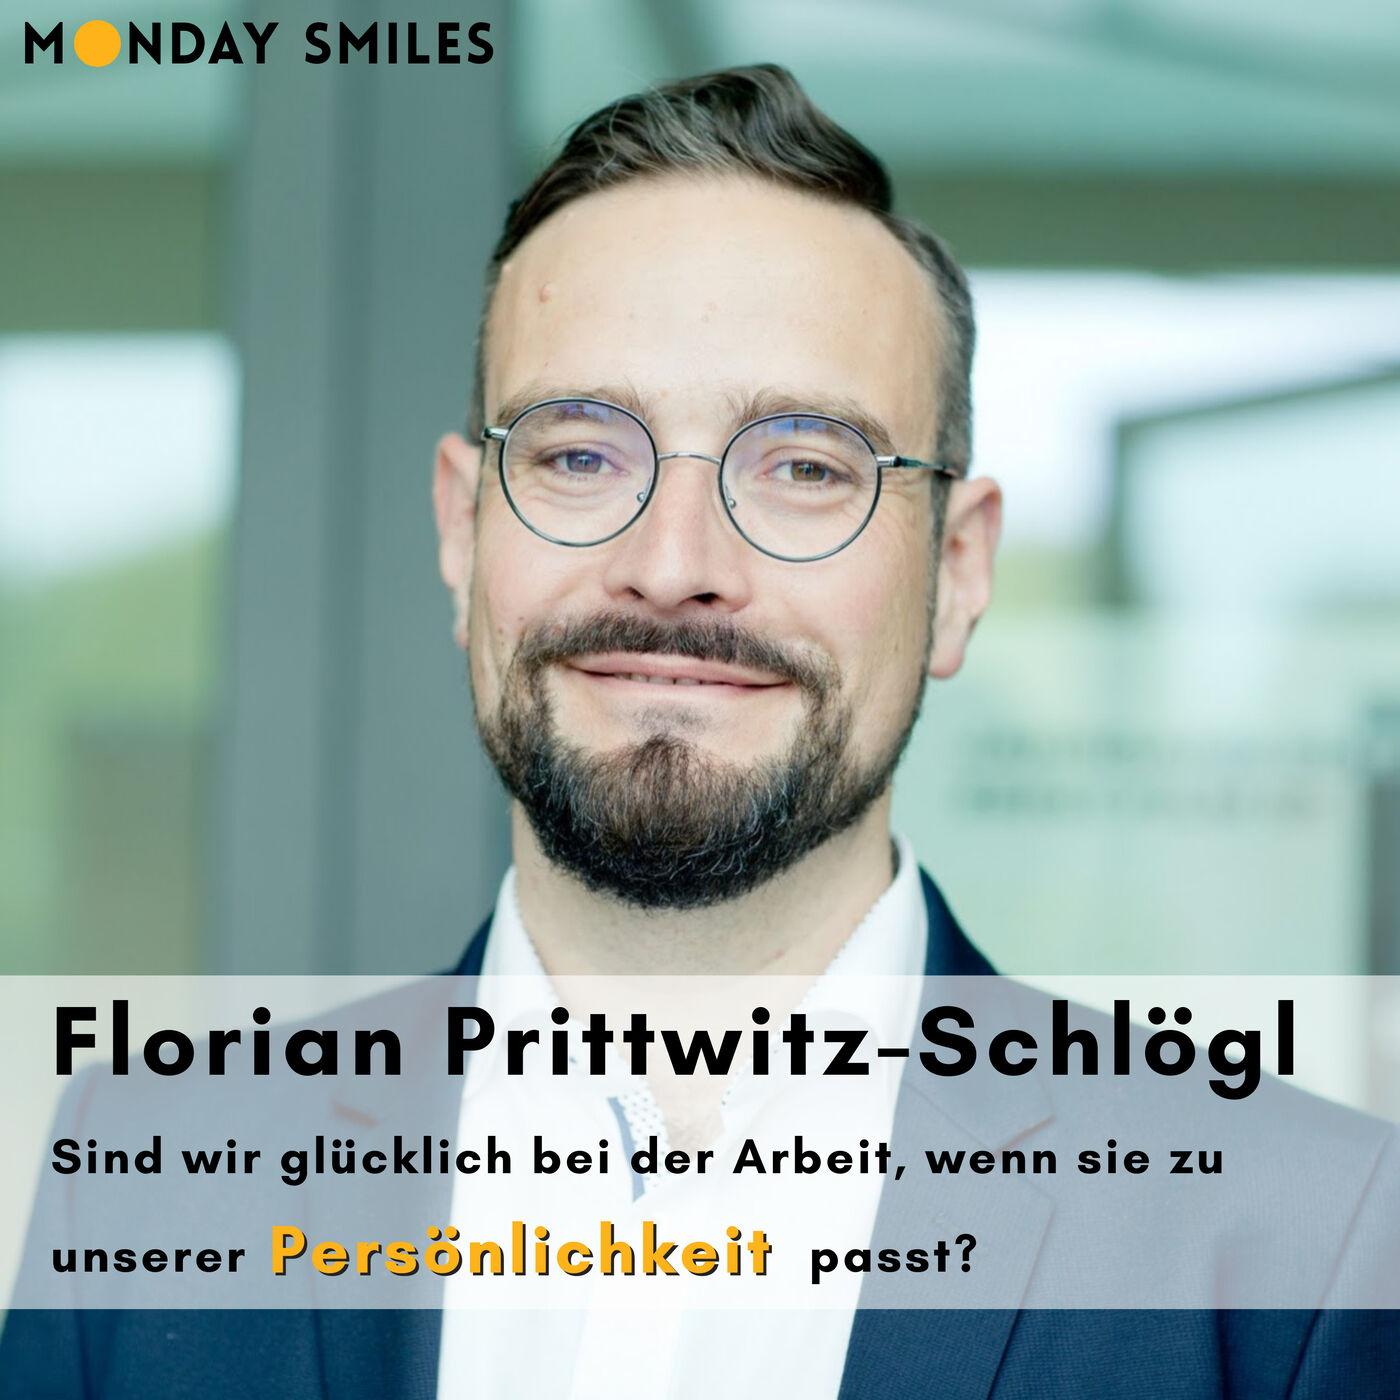 08 - Florian Prittwitz-Schlögl: Sind wir glücklich bei der Arbeit, wenn sie zu unserer Persönlichkeit passt?